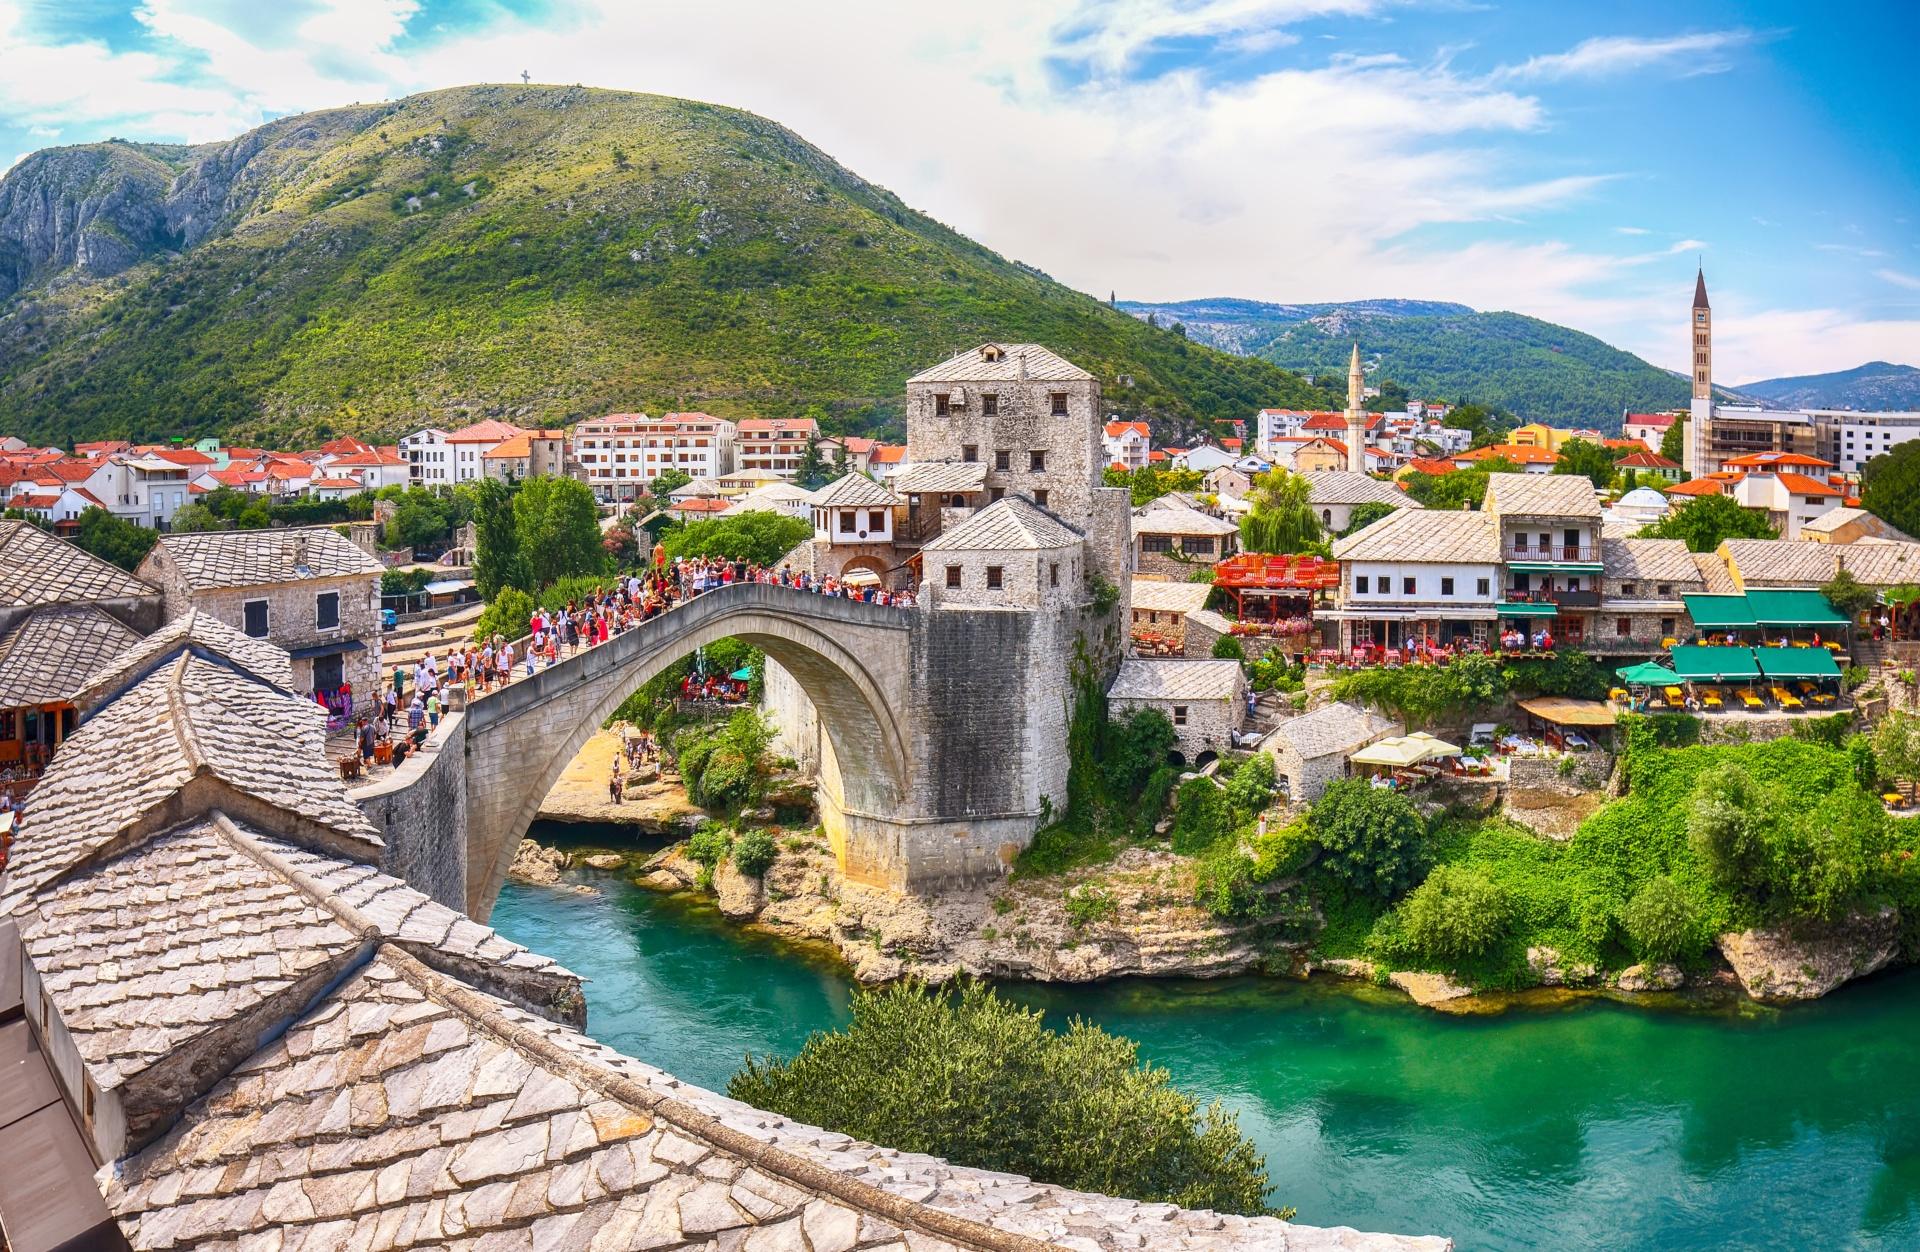 Obiranje mandarin in Mostar